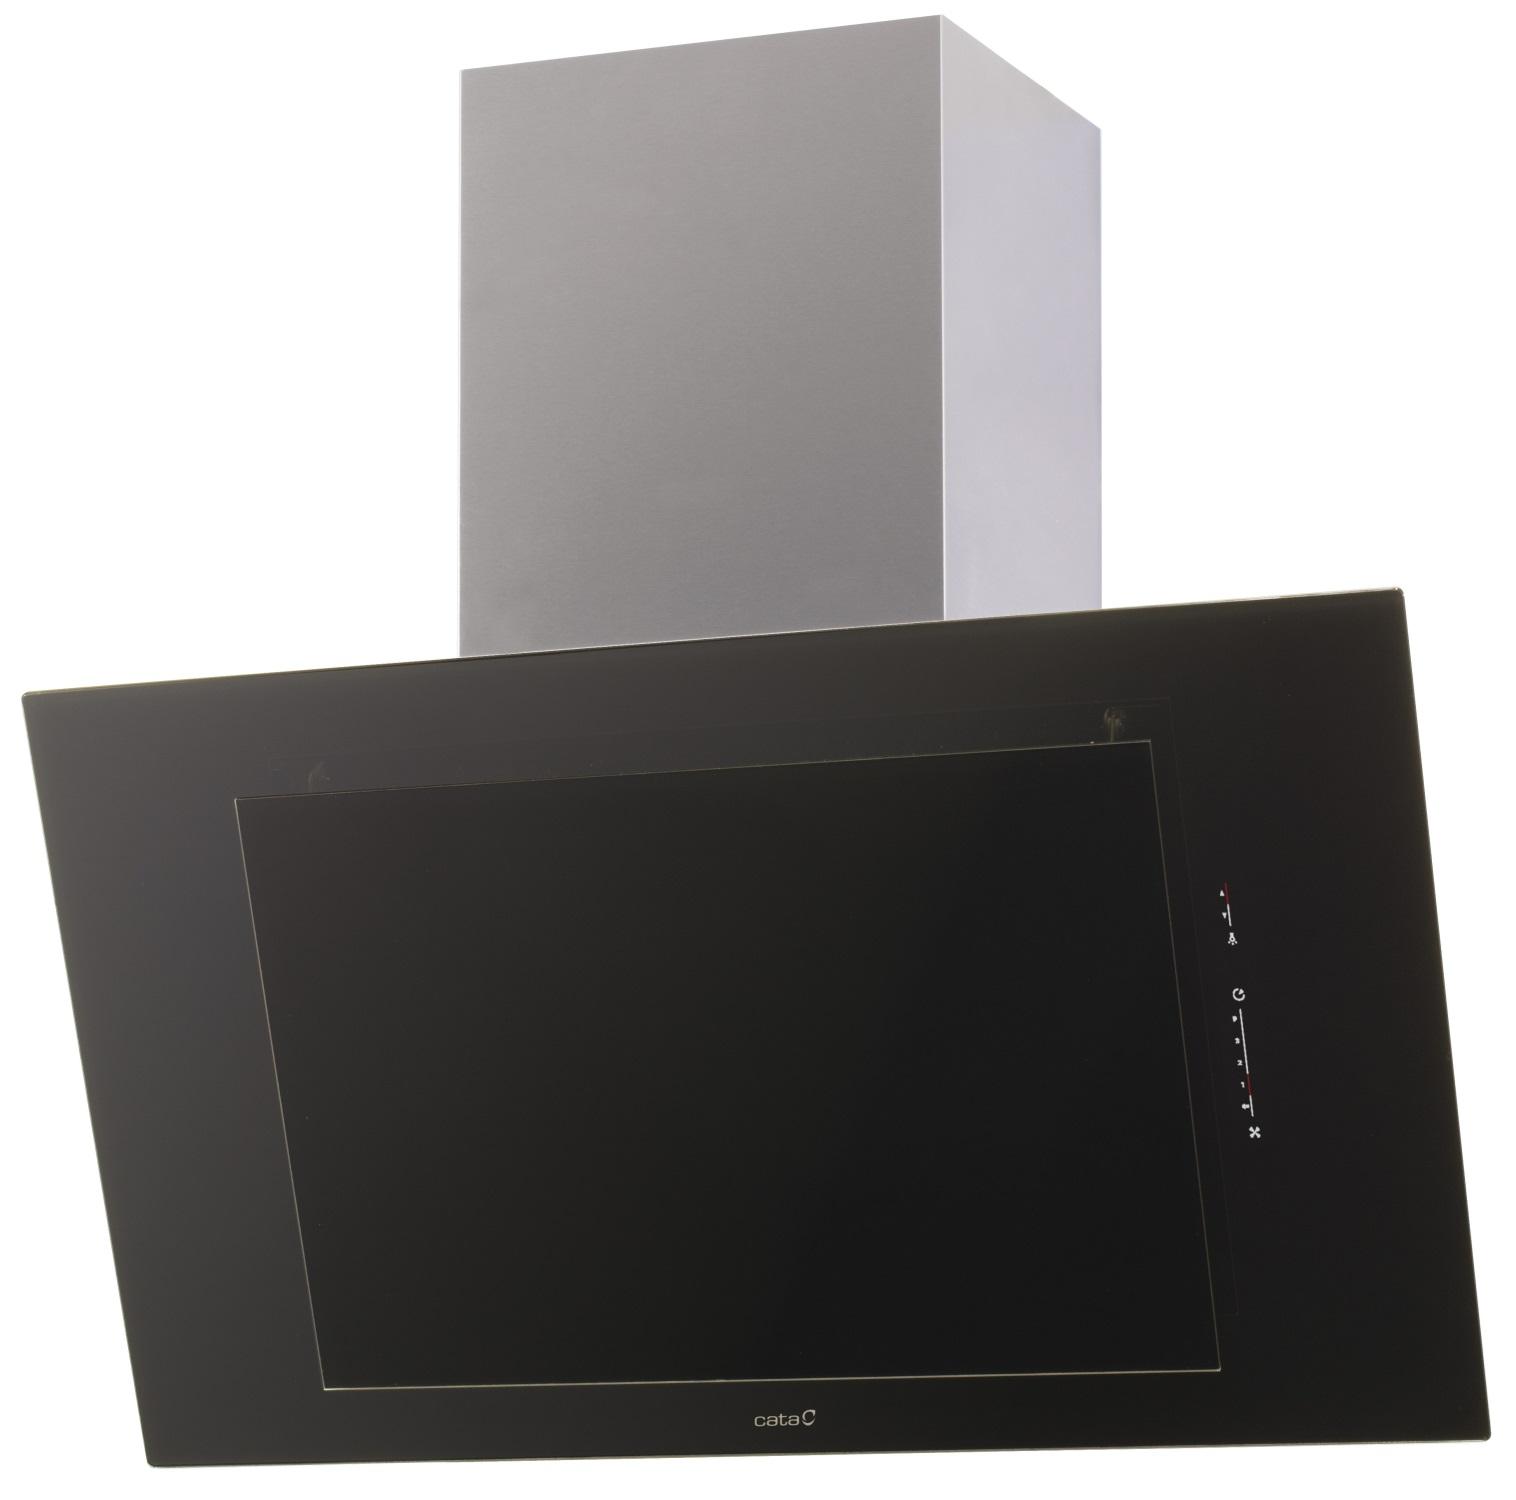 cata thalassa 600 black a kopffreie dunstabzugshaube k chenger te versandkostenfrei und. Black Bedroom Furniture Sets. Home Design Ideas